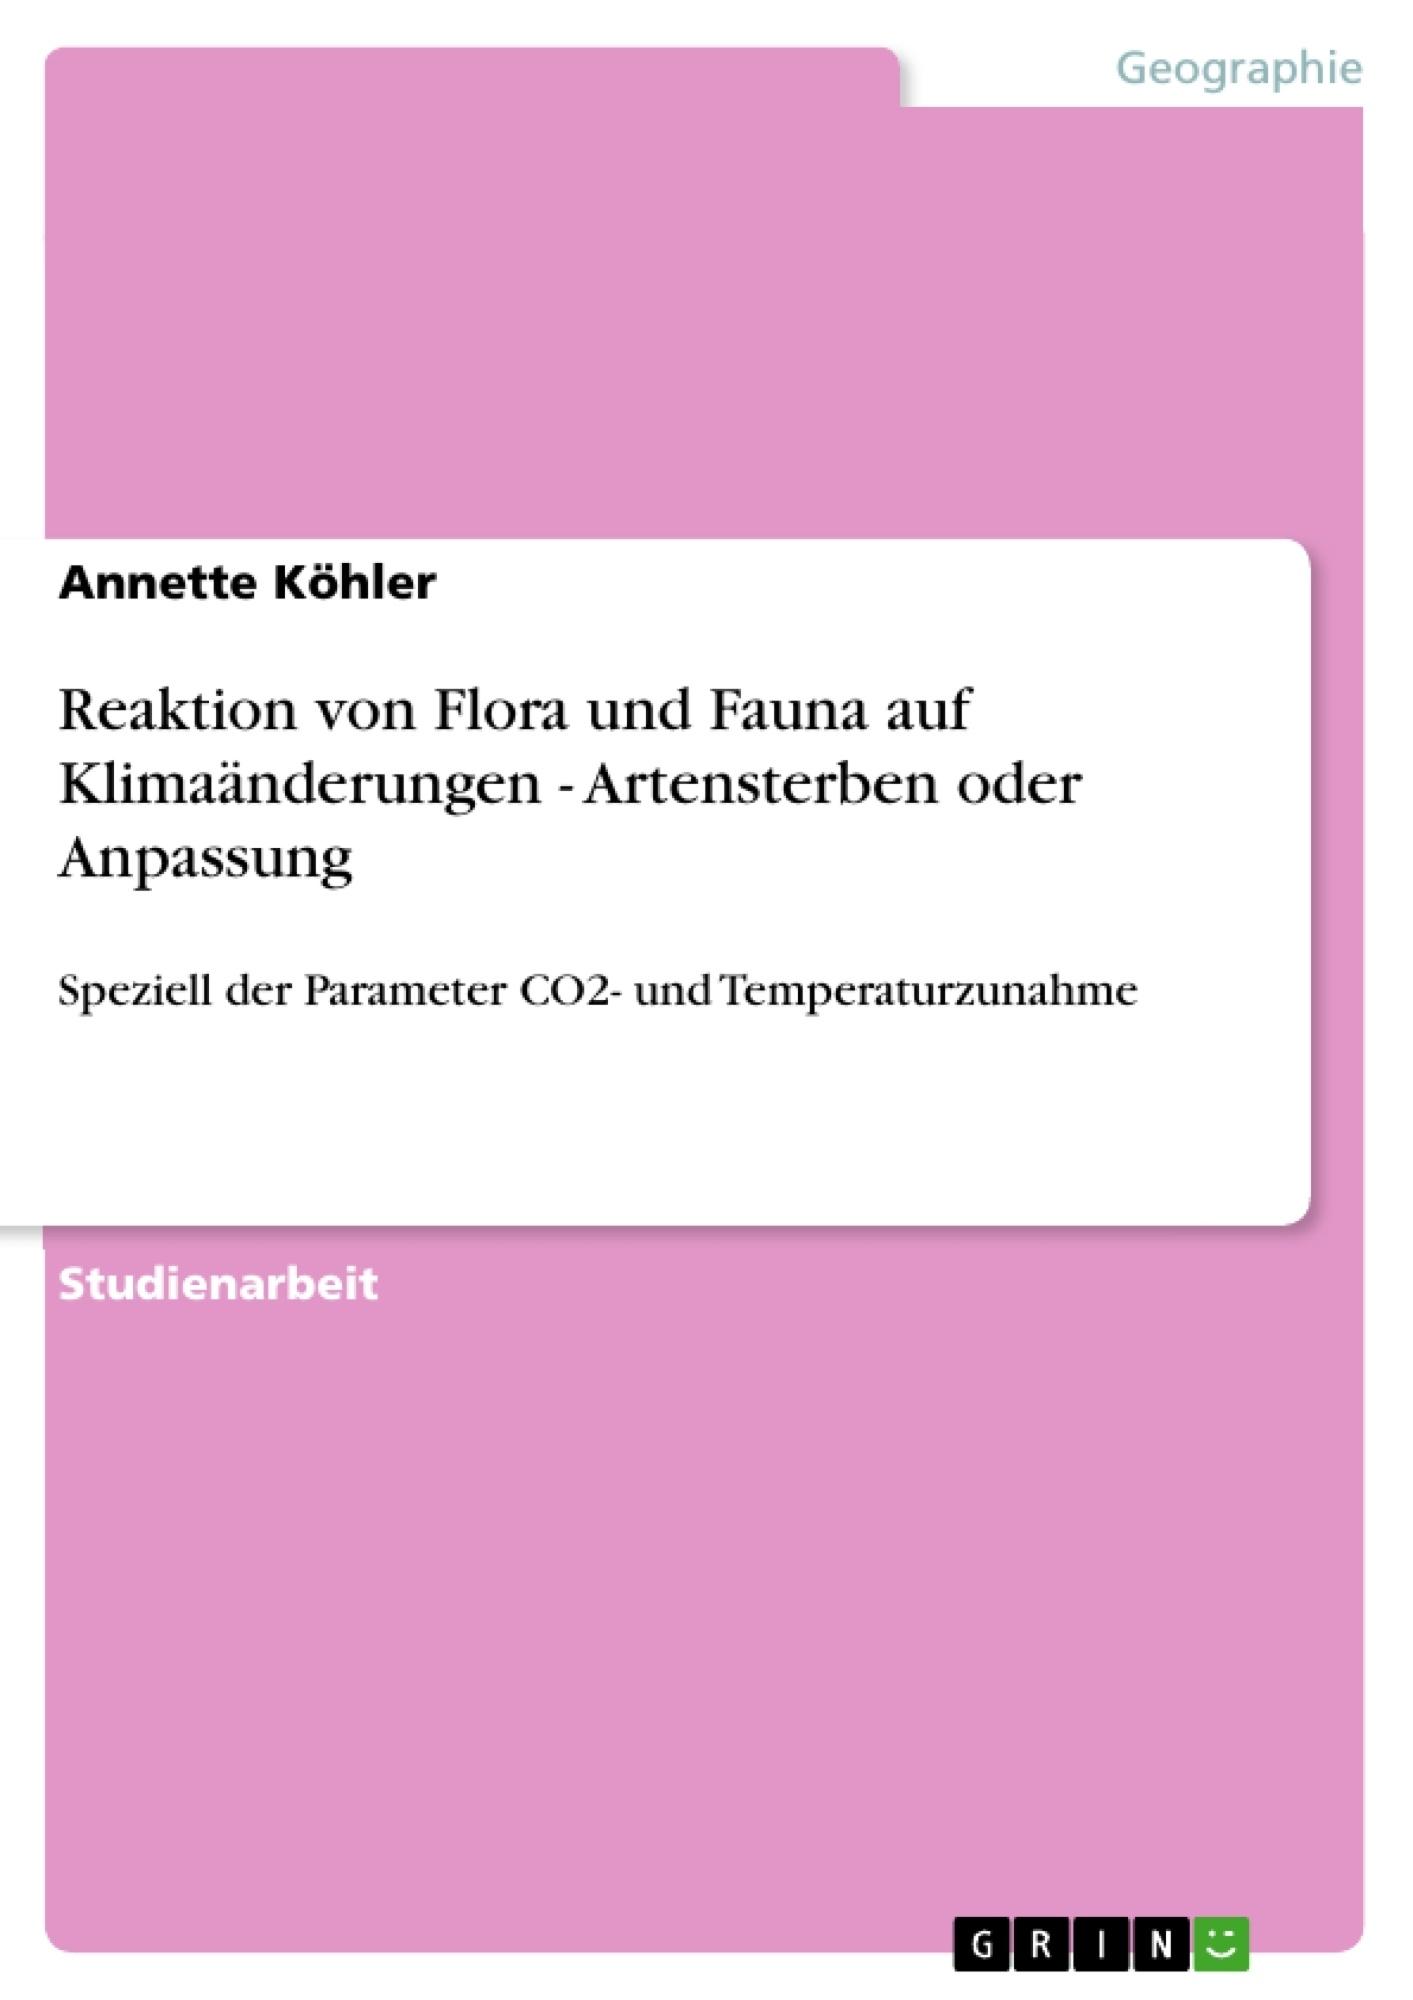 Titel: Reaktion von Flora und Fauna auf Klimaänderungen - Artensterben oder Anpassung